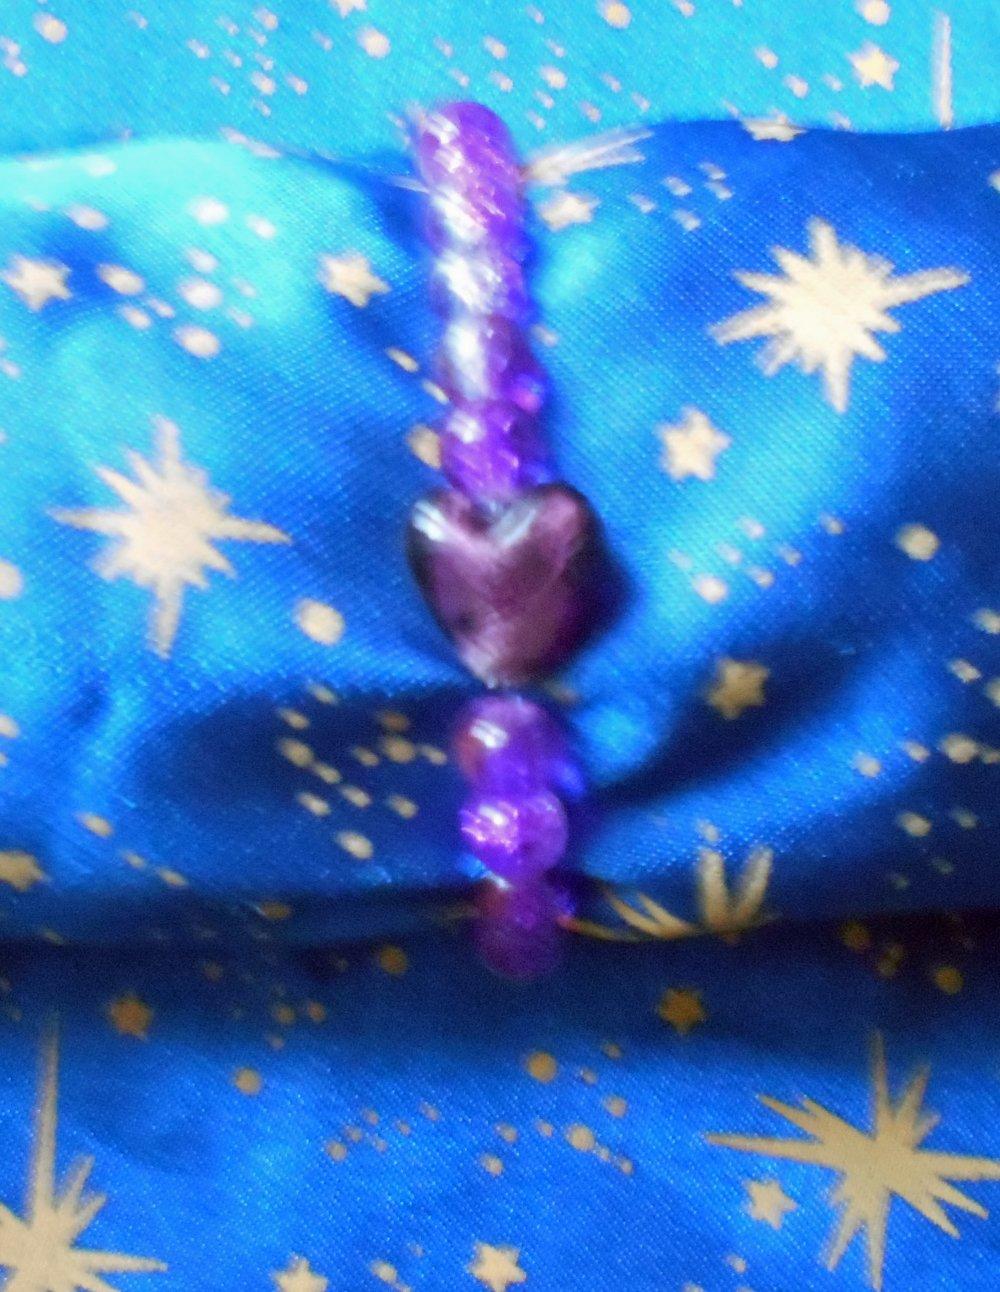 Bracelet en perles de verre craquelées avec coeur en résine violet.